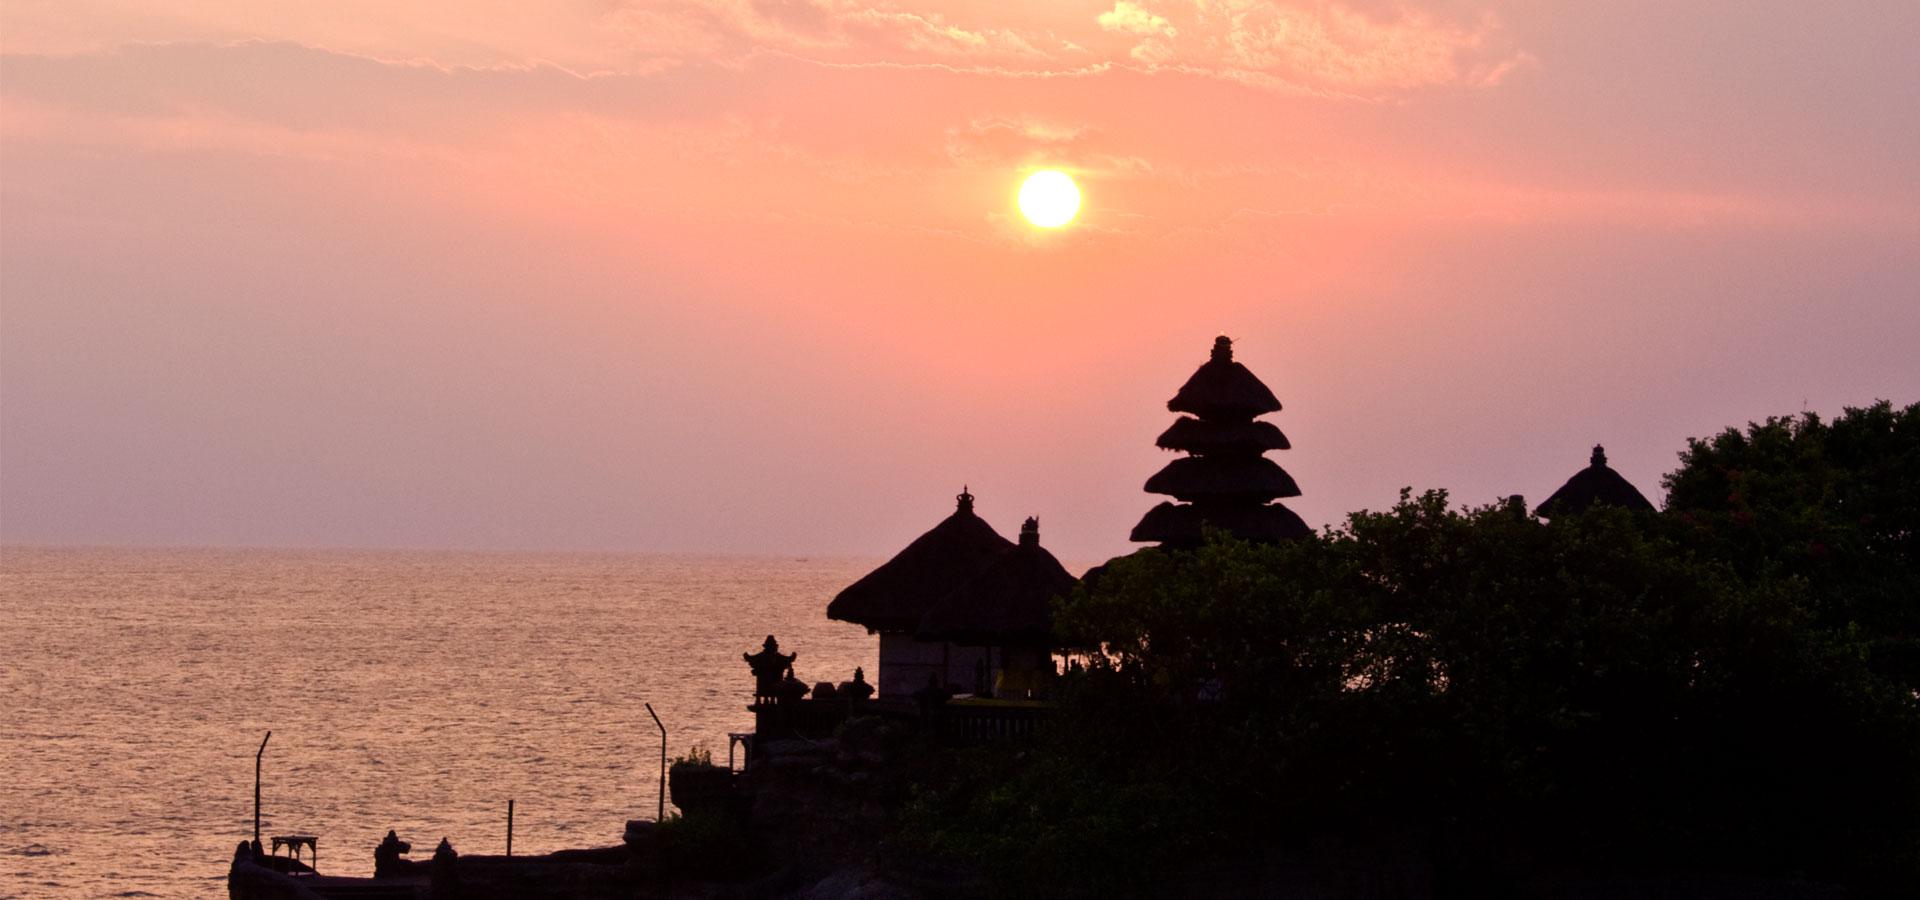 Paket Wisata Bali | Bali Tour Package | Bali Itinerary Tour